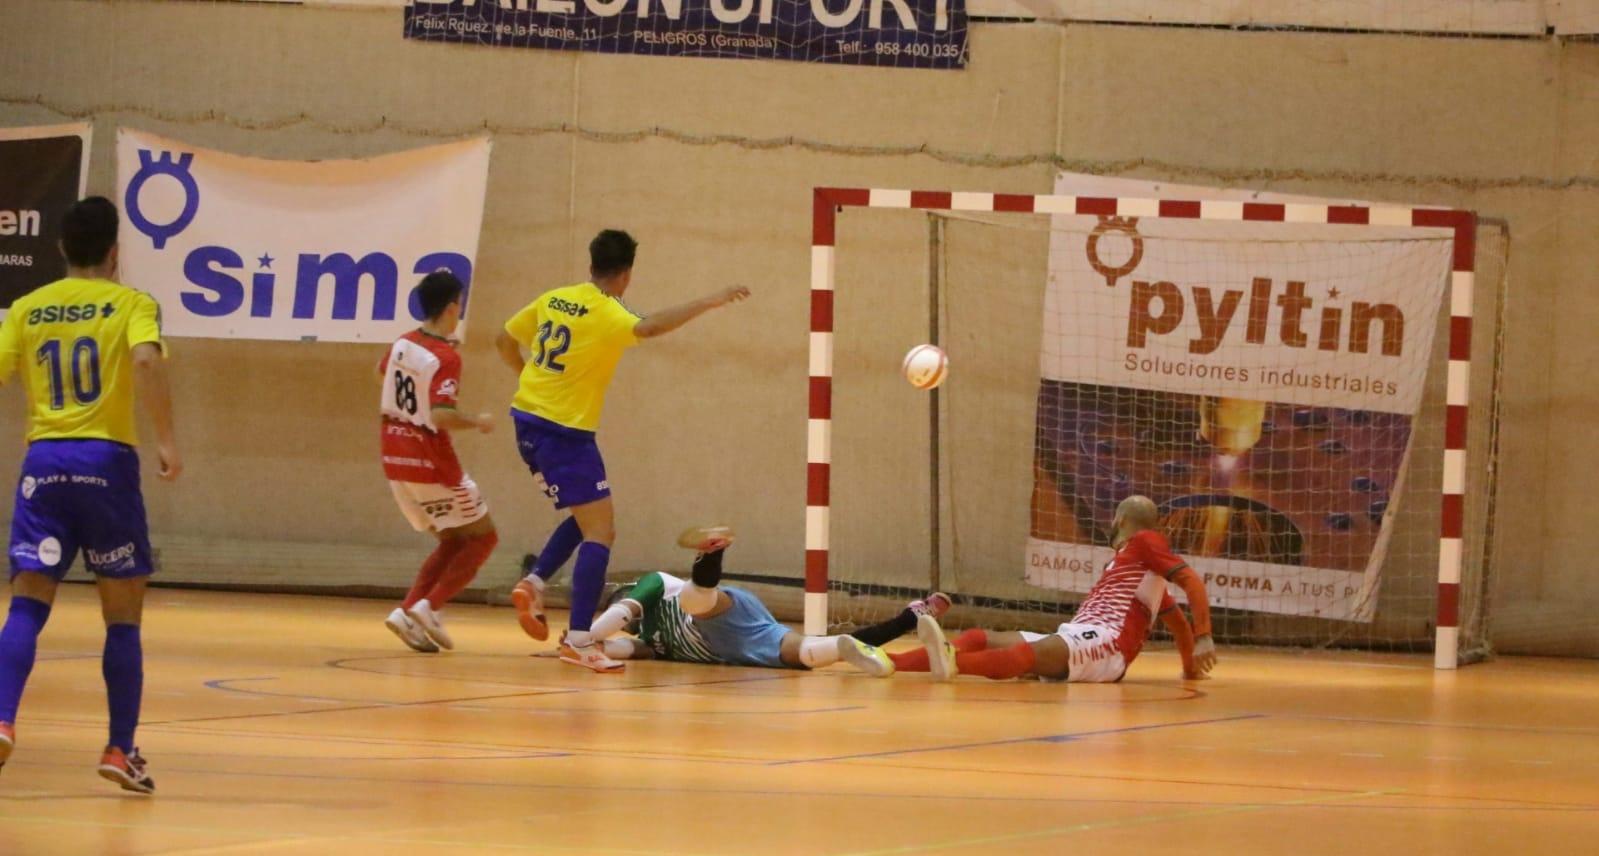 12ª jornada | SIMA Peligros Fútbol Sala 3-4 Cádiz C.F. Virgili